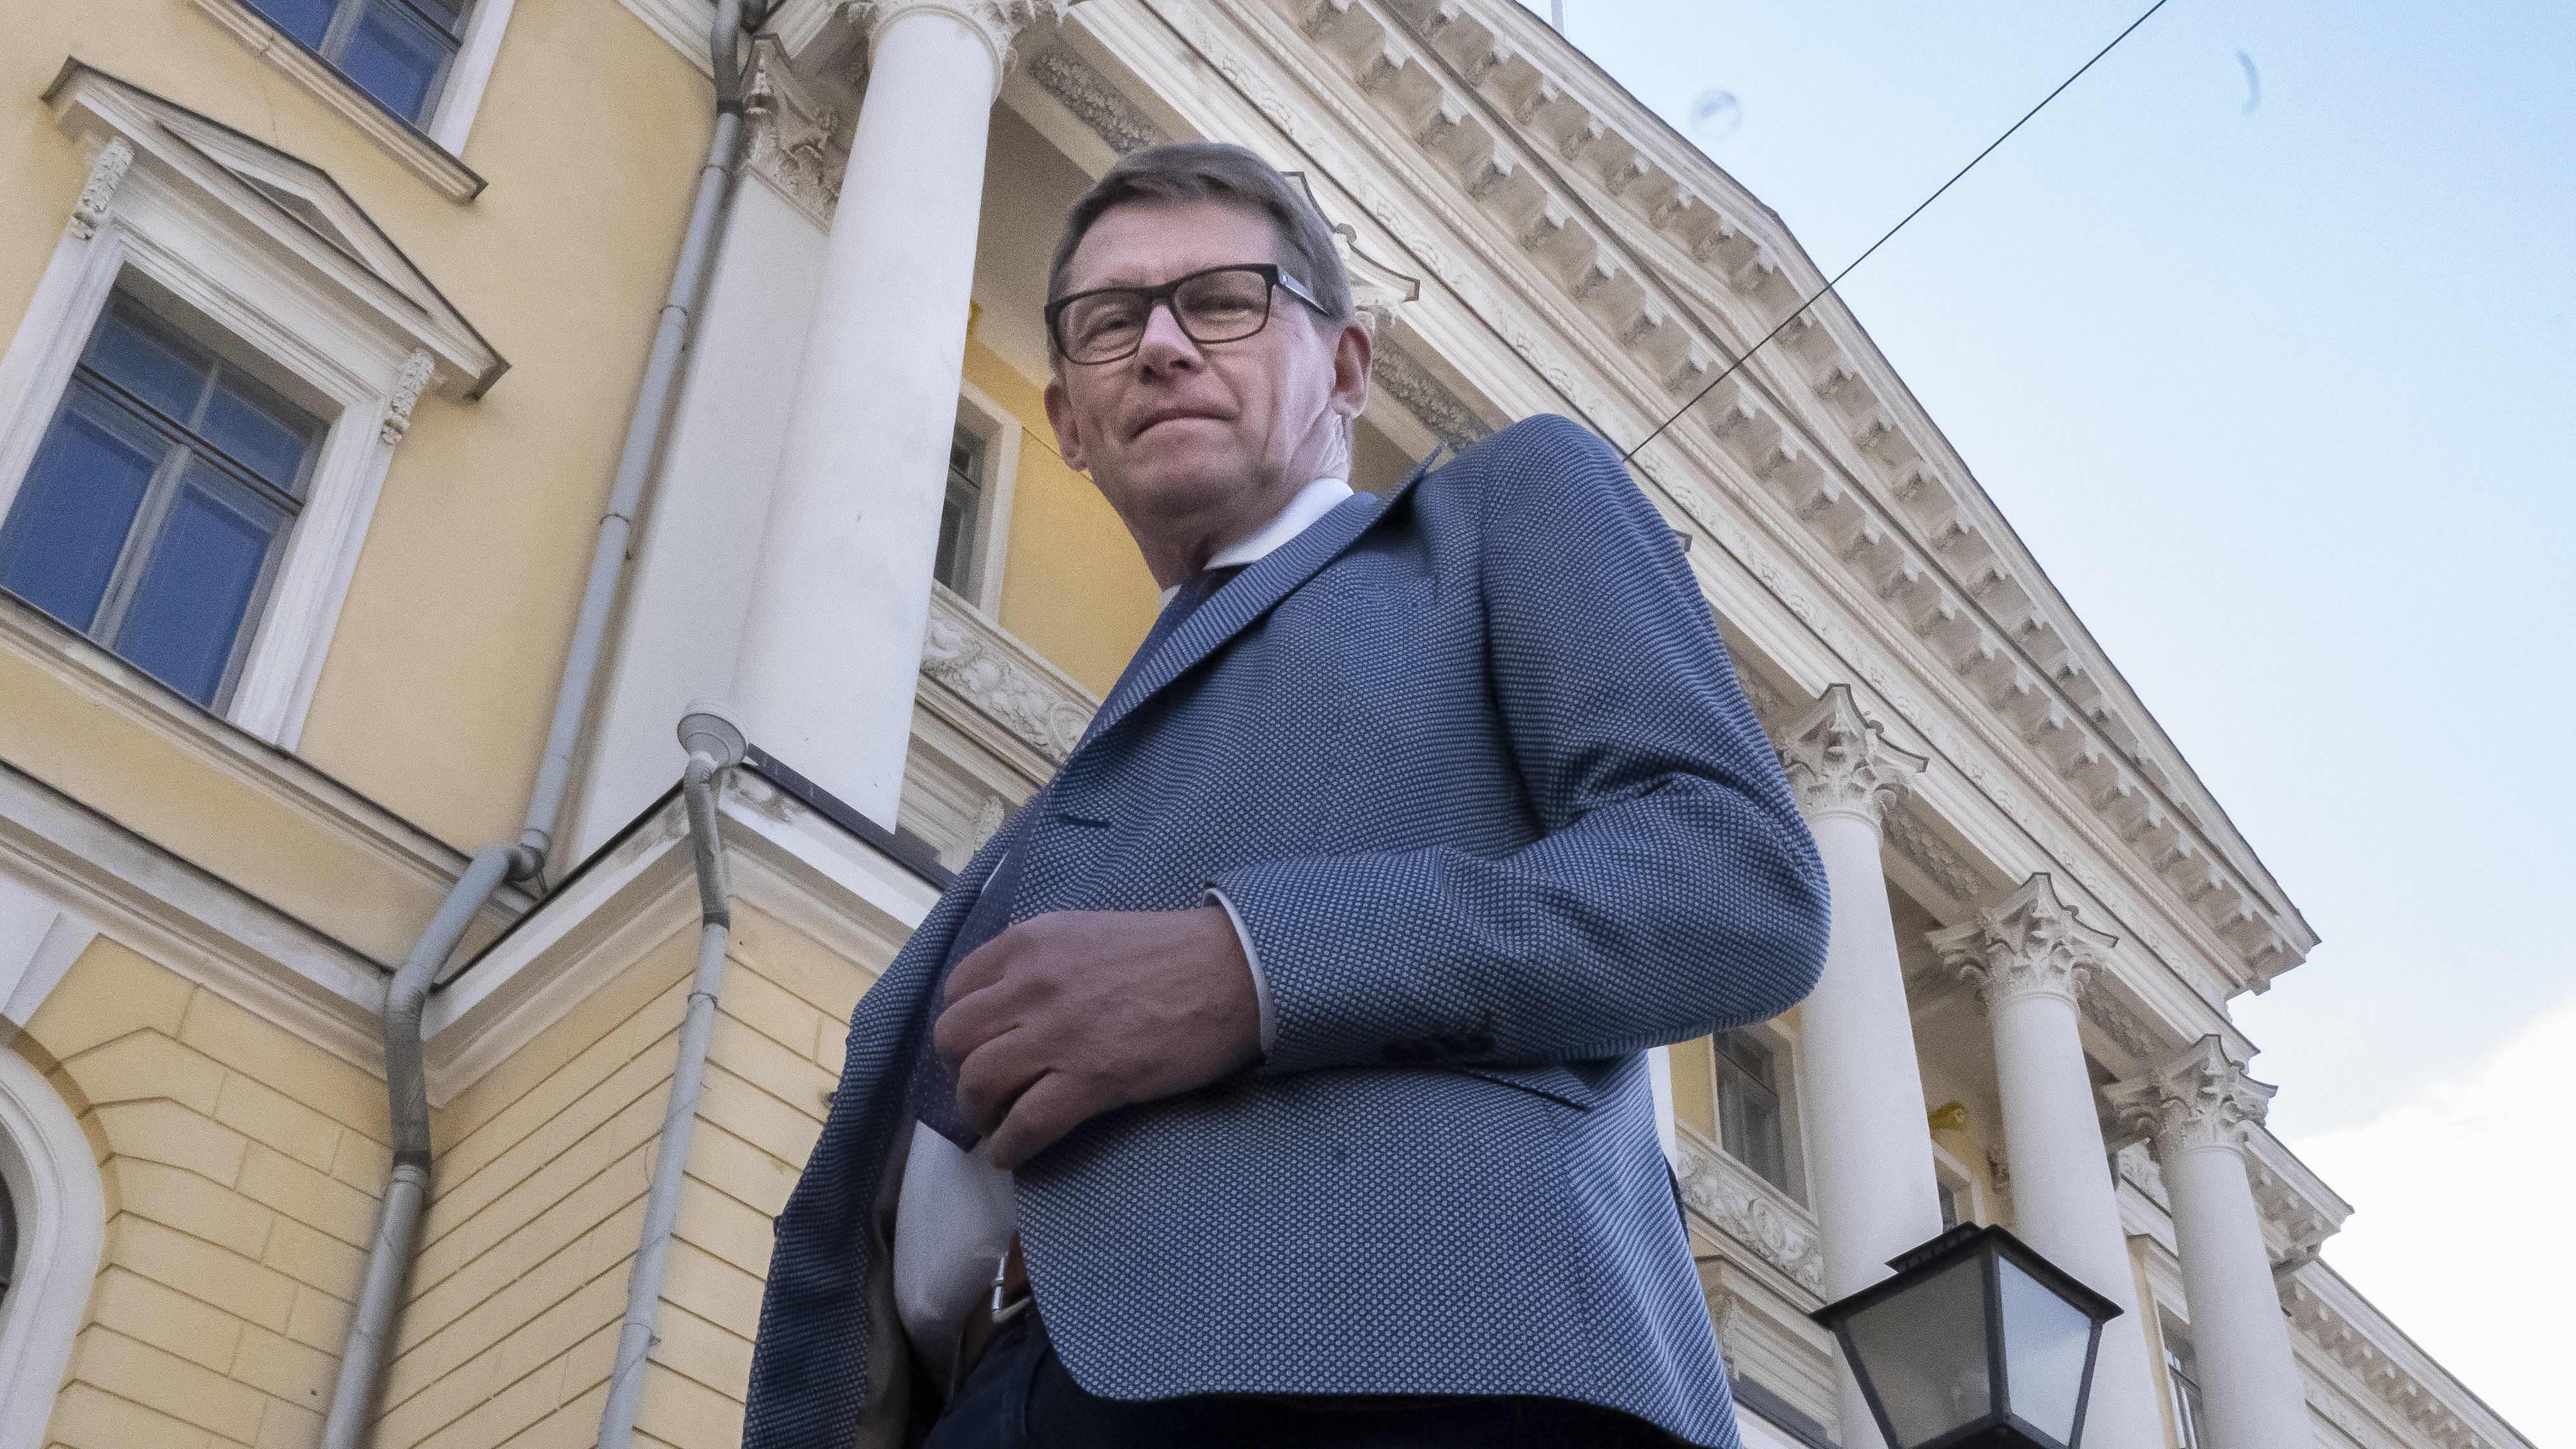 Ministeri Vanhanen poseeraa Valtionneuvoston linnan edessä.